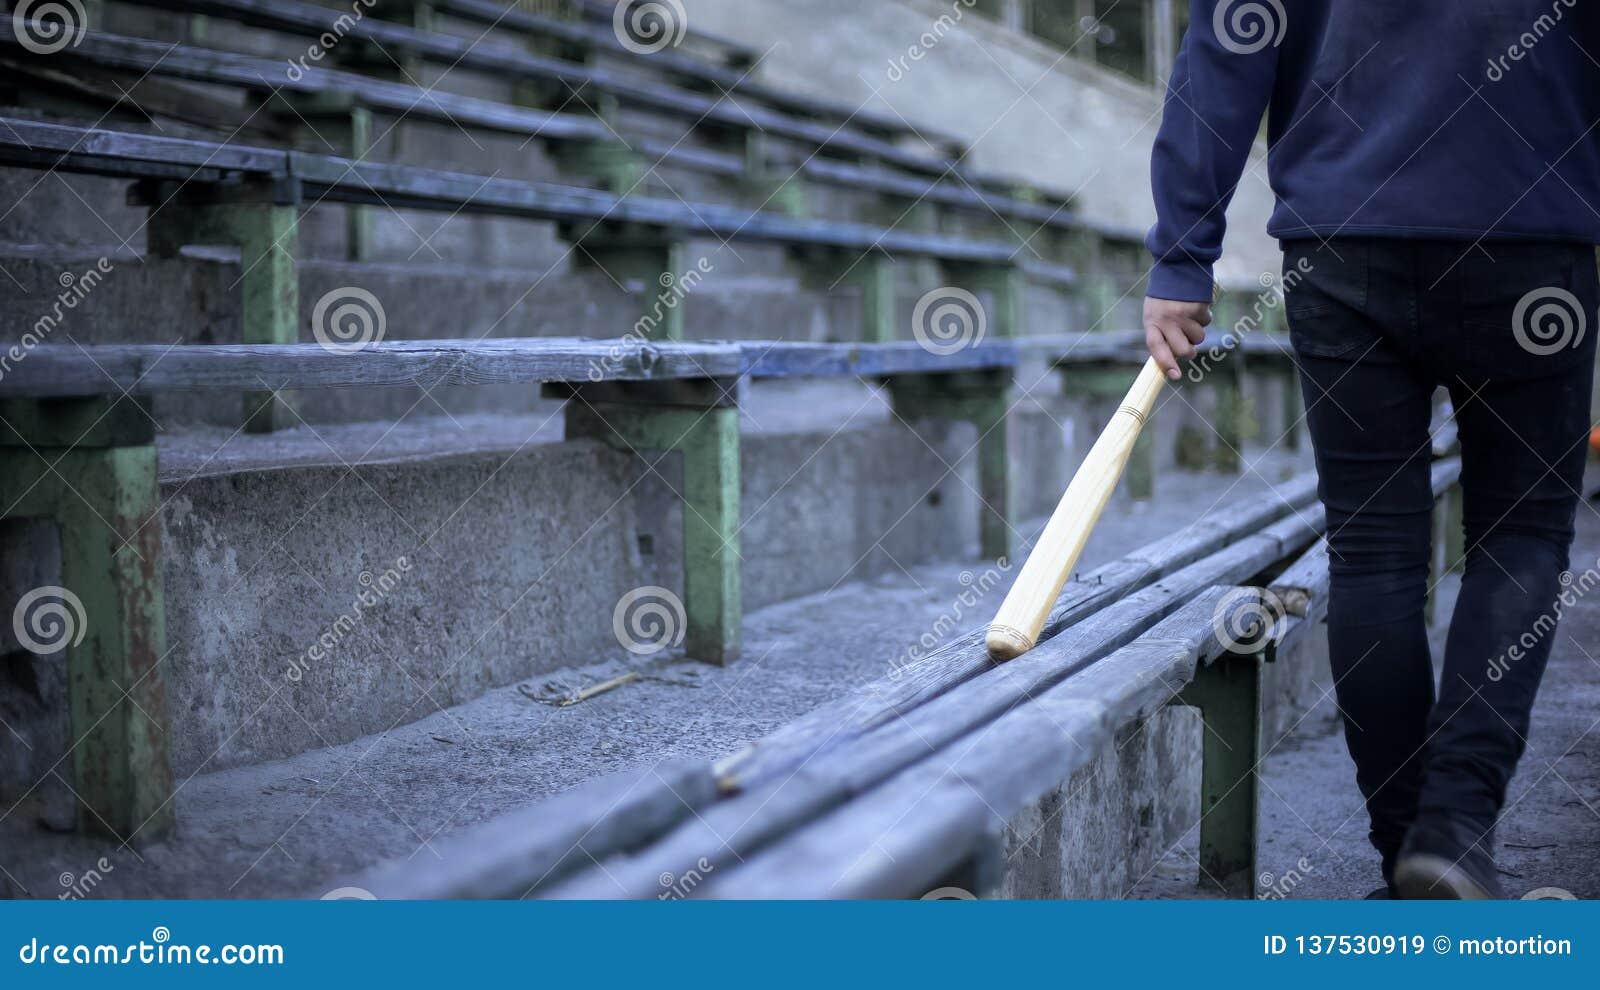 Młodego człowieka odprowadzenie na stadium trybunie z kijem bejsbolowym, gang młodocianych przestępców, wandalizm